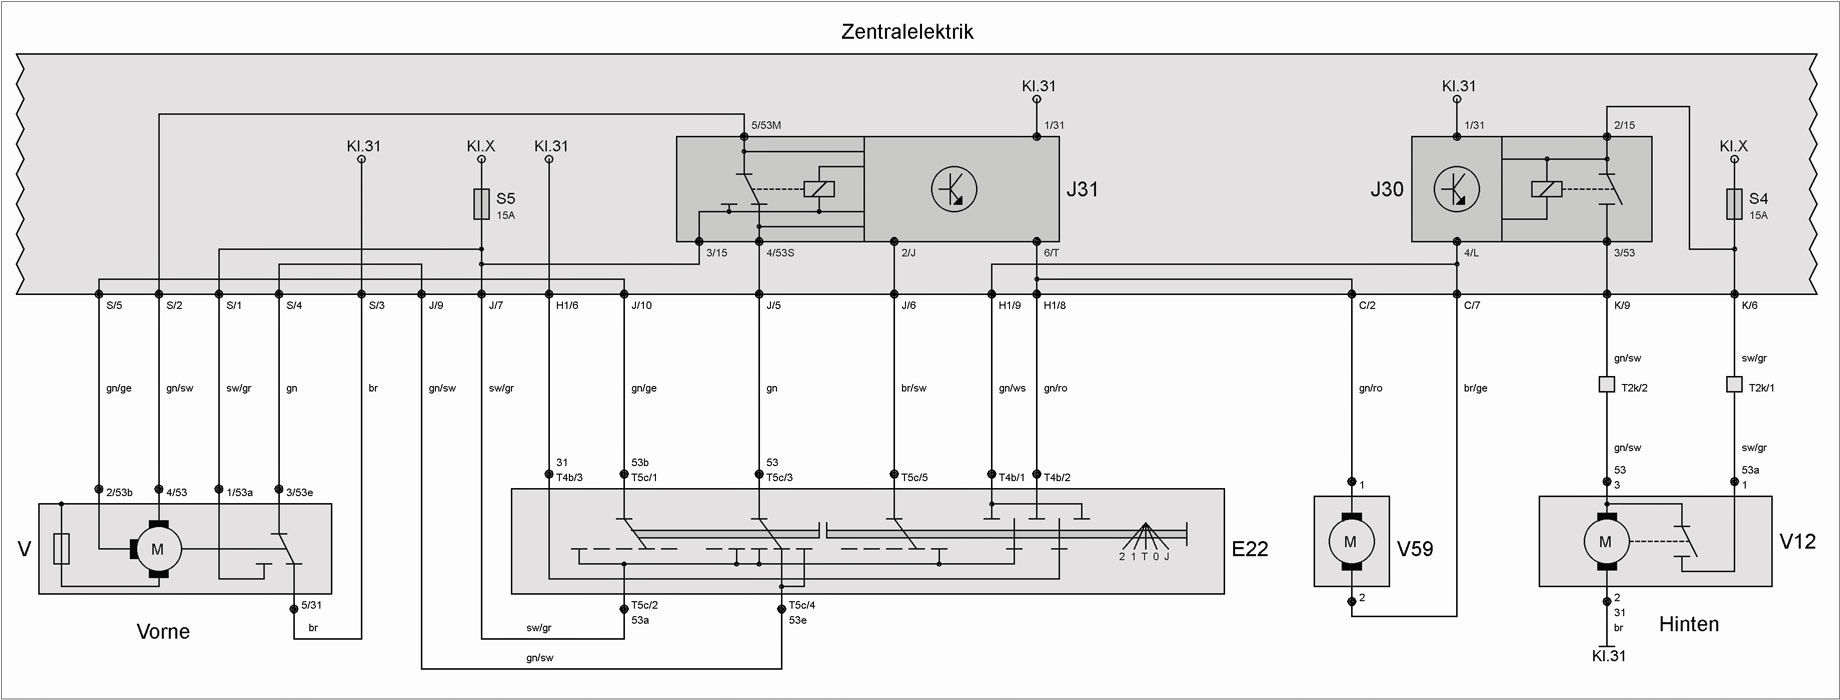 Ungewöhnlich Bosch 5 Pin Relais Schaltplan Bilder - Der Schaltplan ...